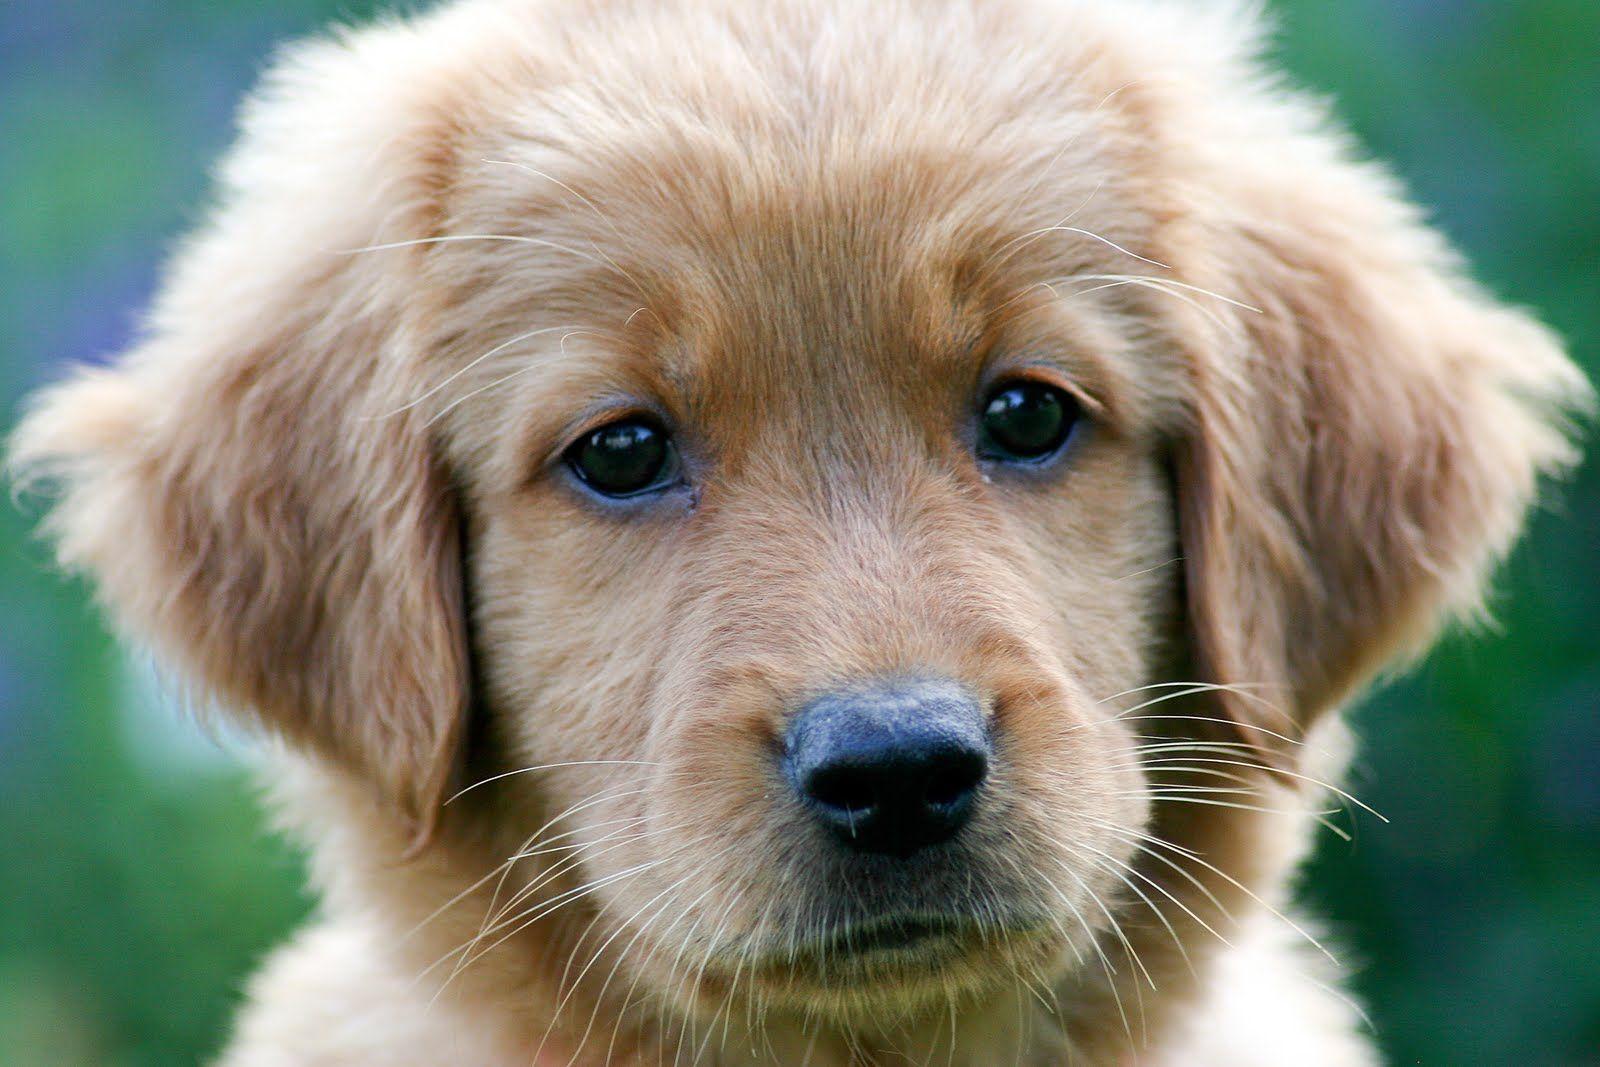 I will always have a soft spot for Labrador Retrievers